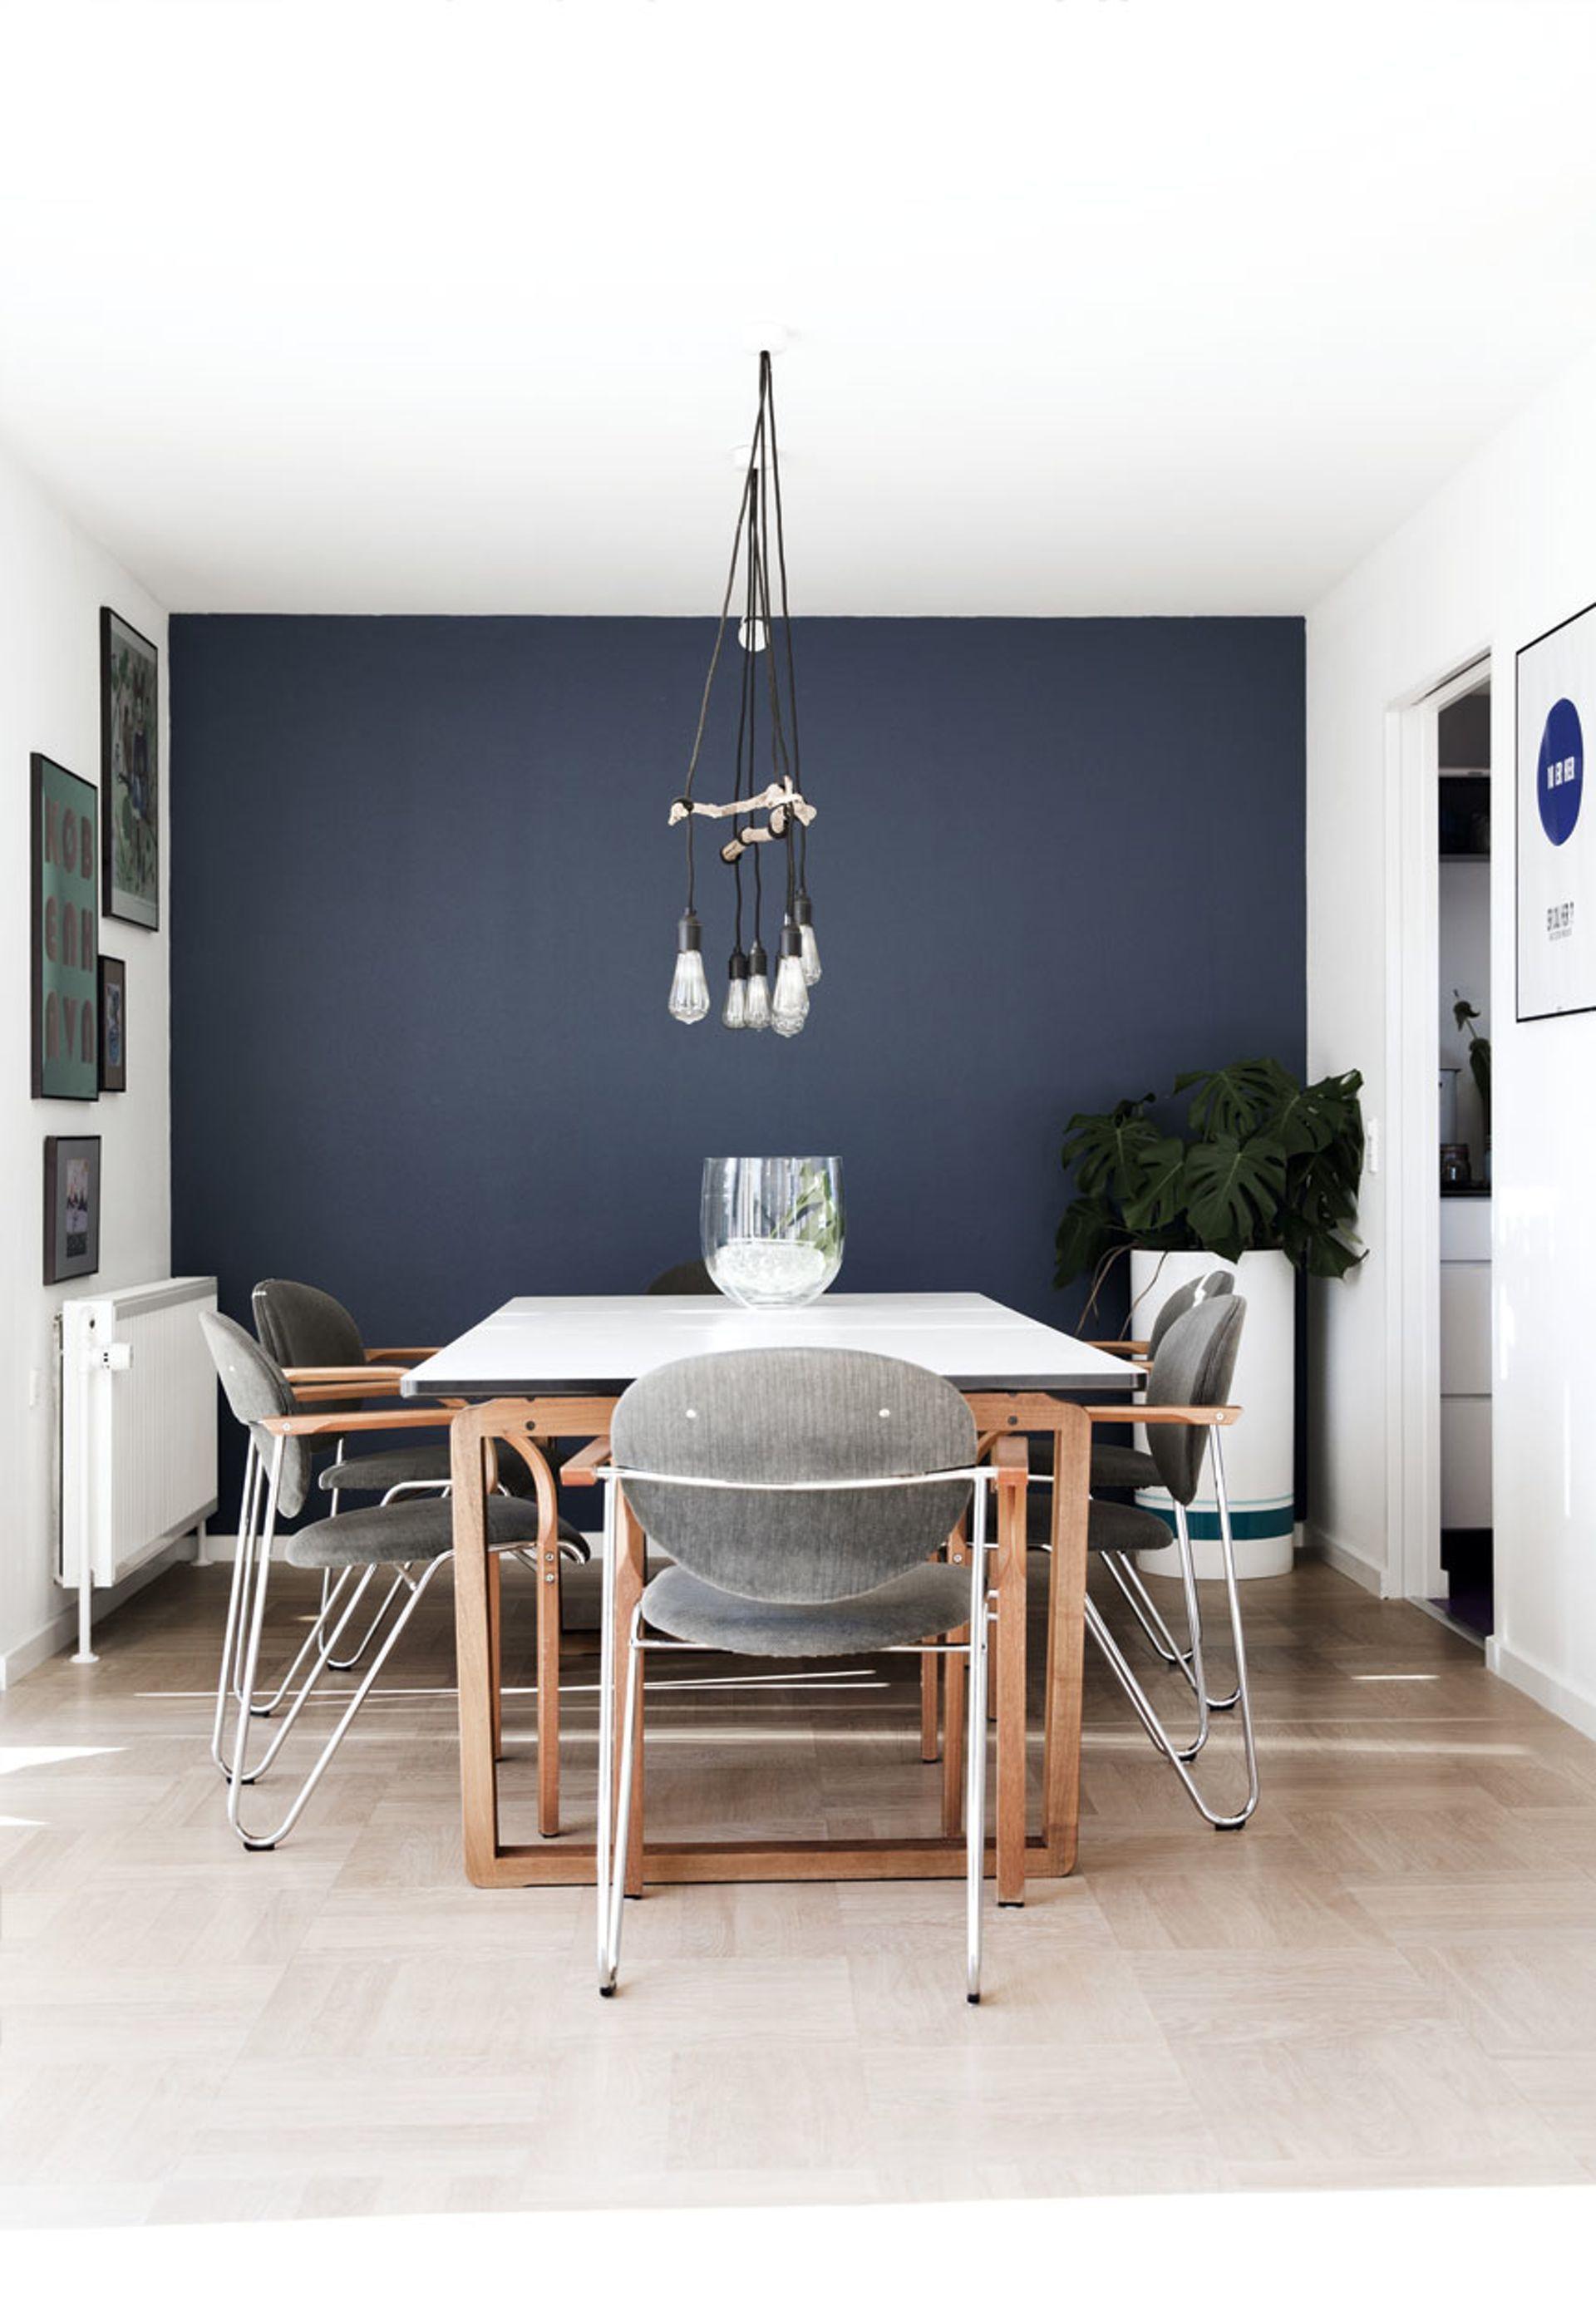 mørkeblå vægmaling